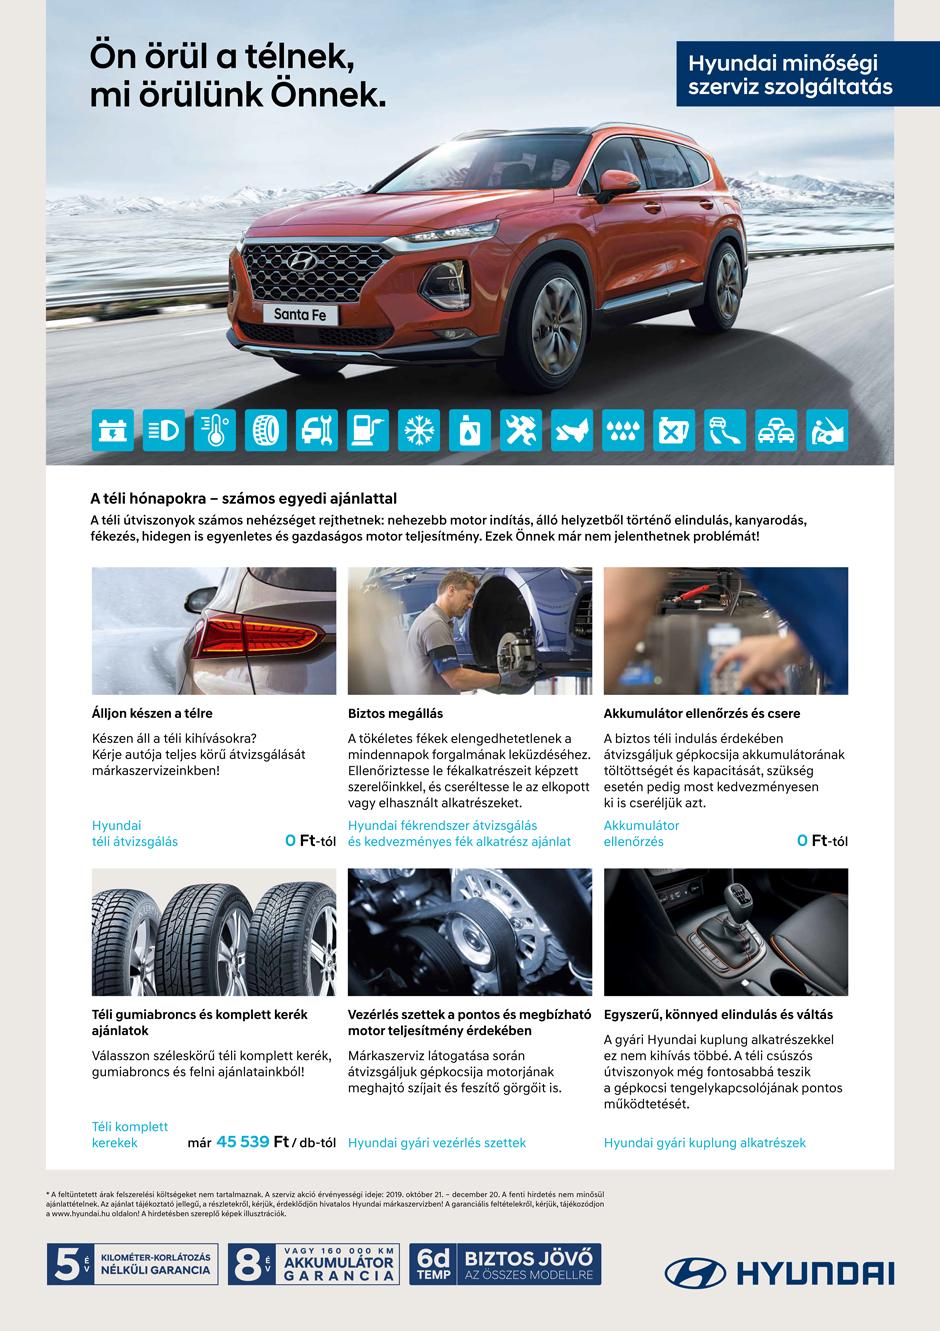 Hyundai_AS_2019_teli_kampany_A1_plakat_20191009_-HUN